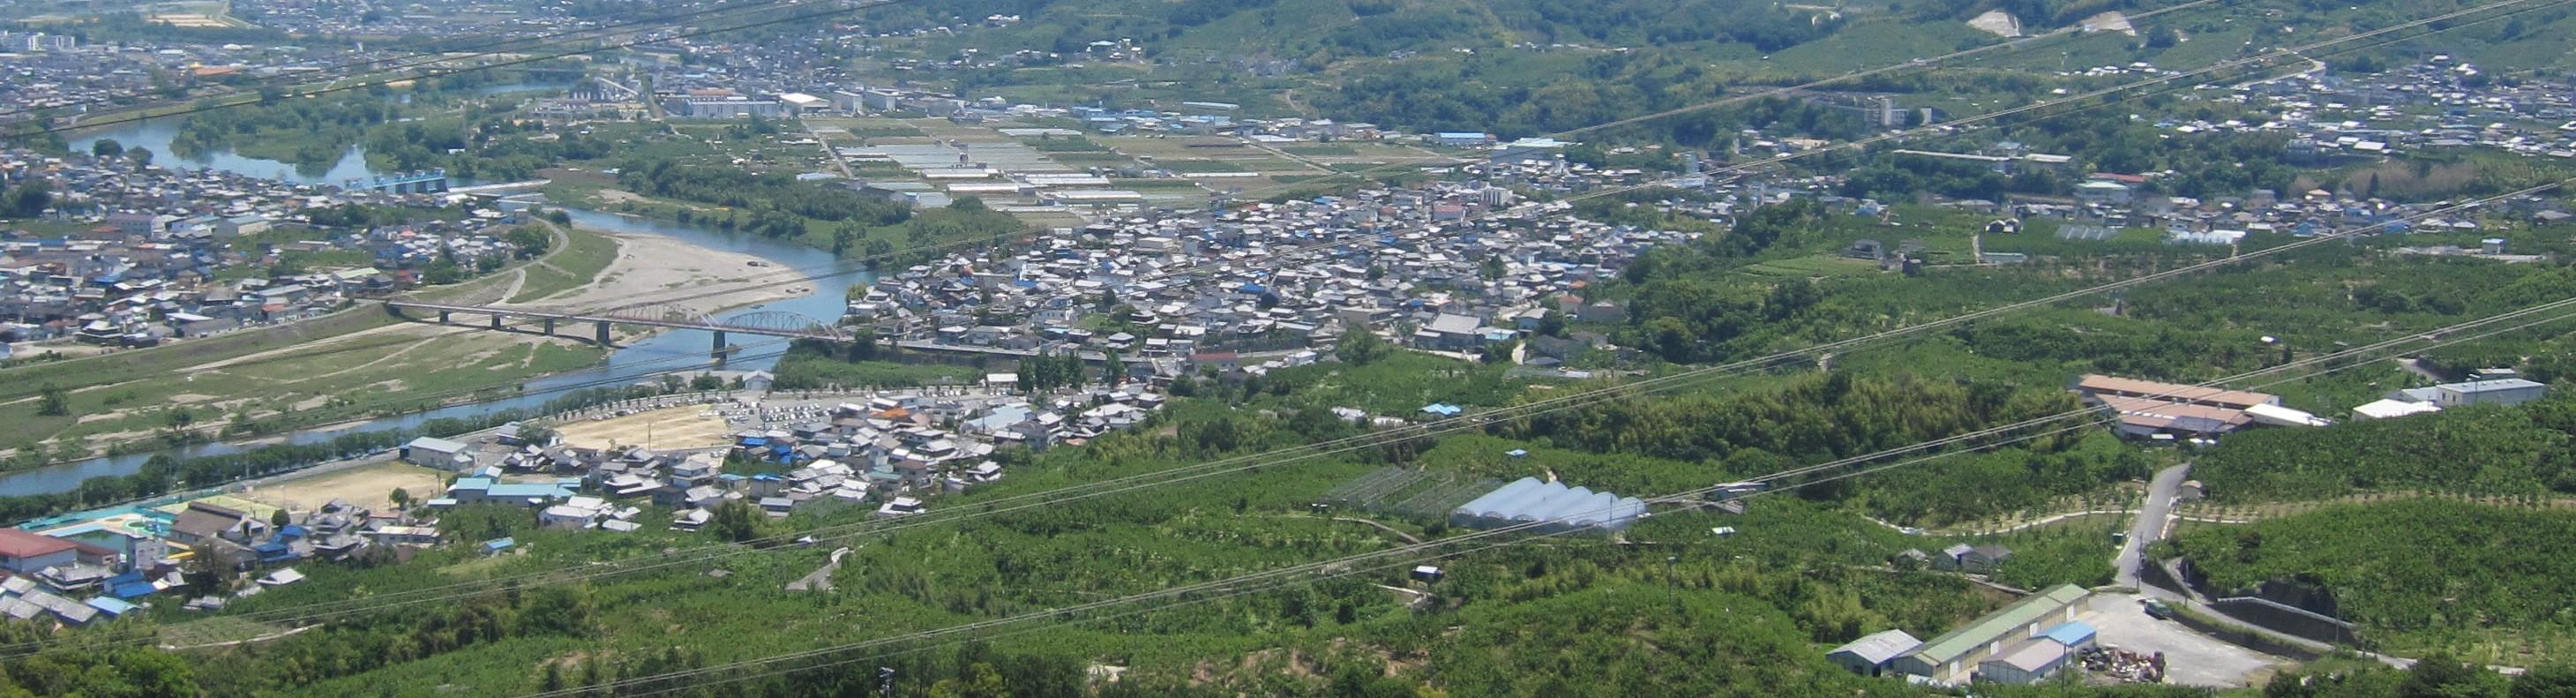 九度山町 - LocalWiki